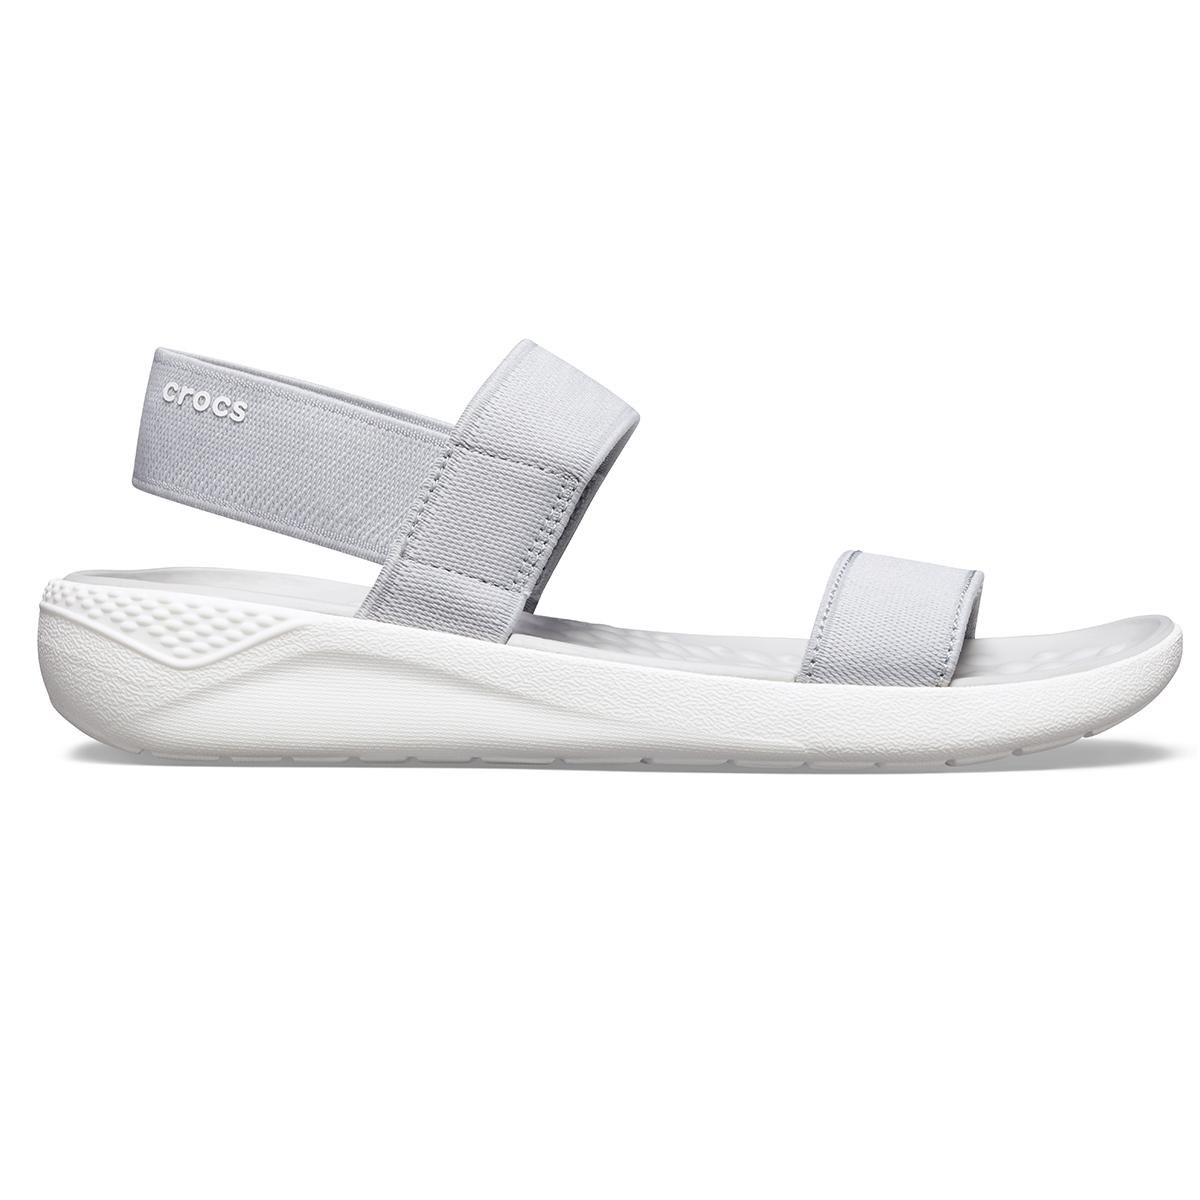 Crocs LiteRide Sandal W - Açık Gri/Beyaz